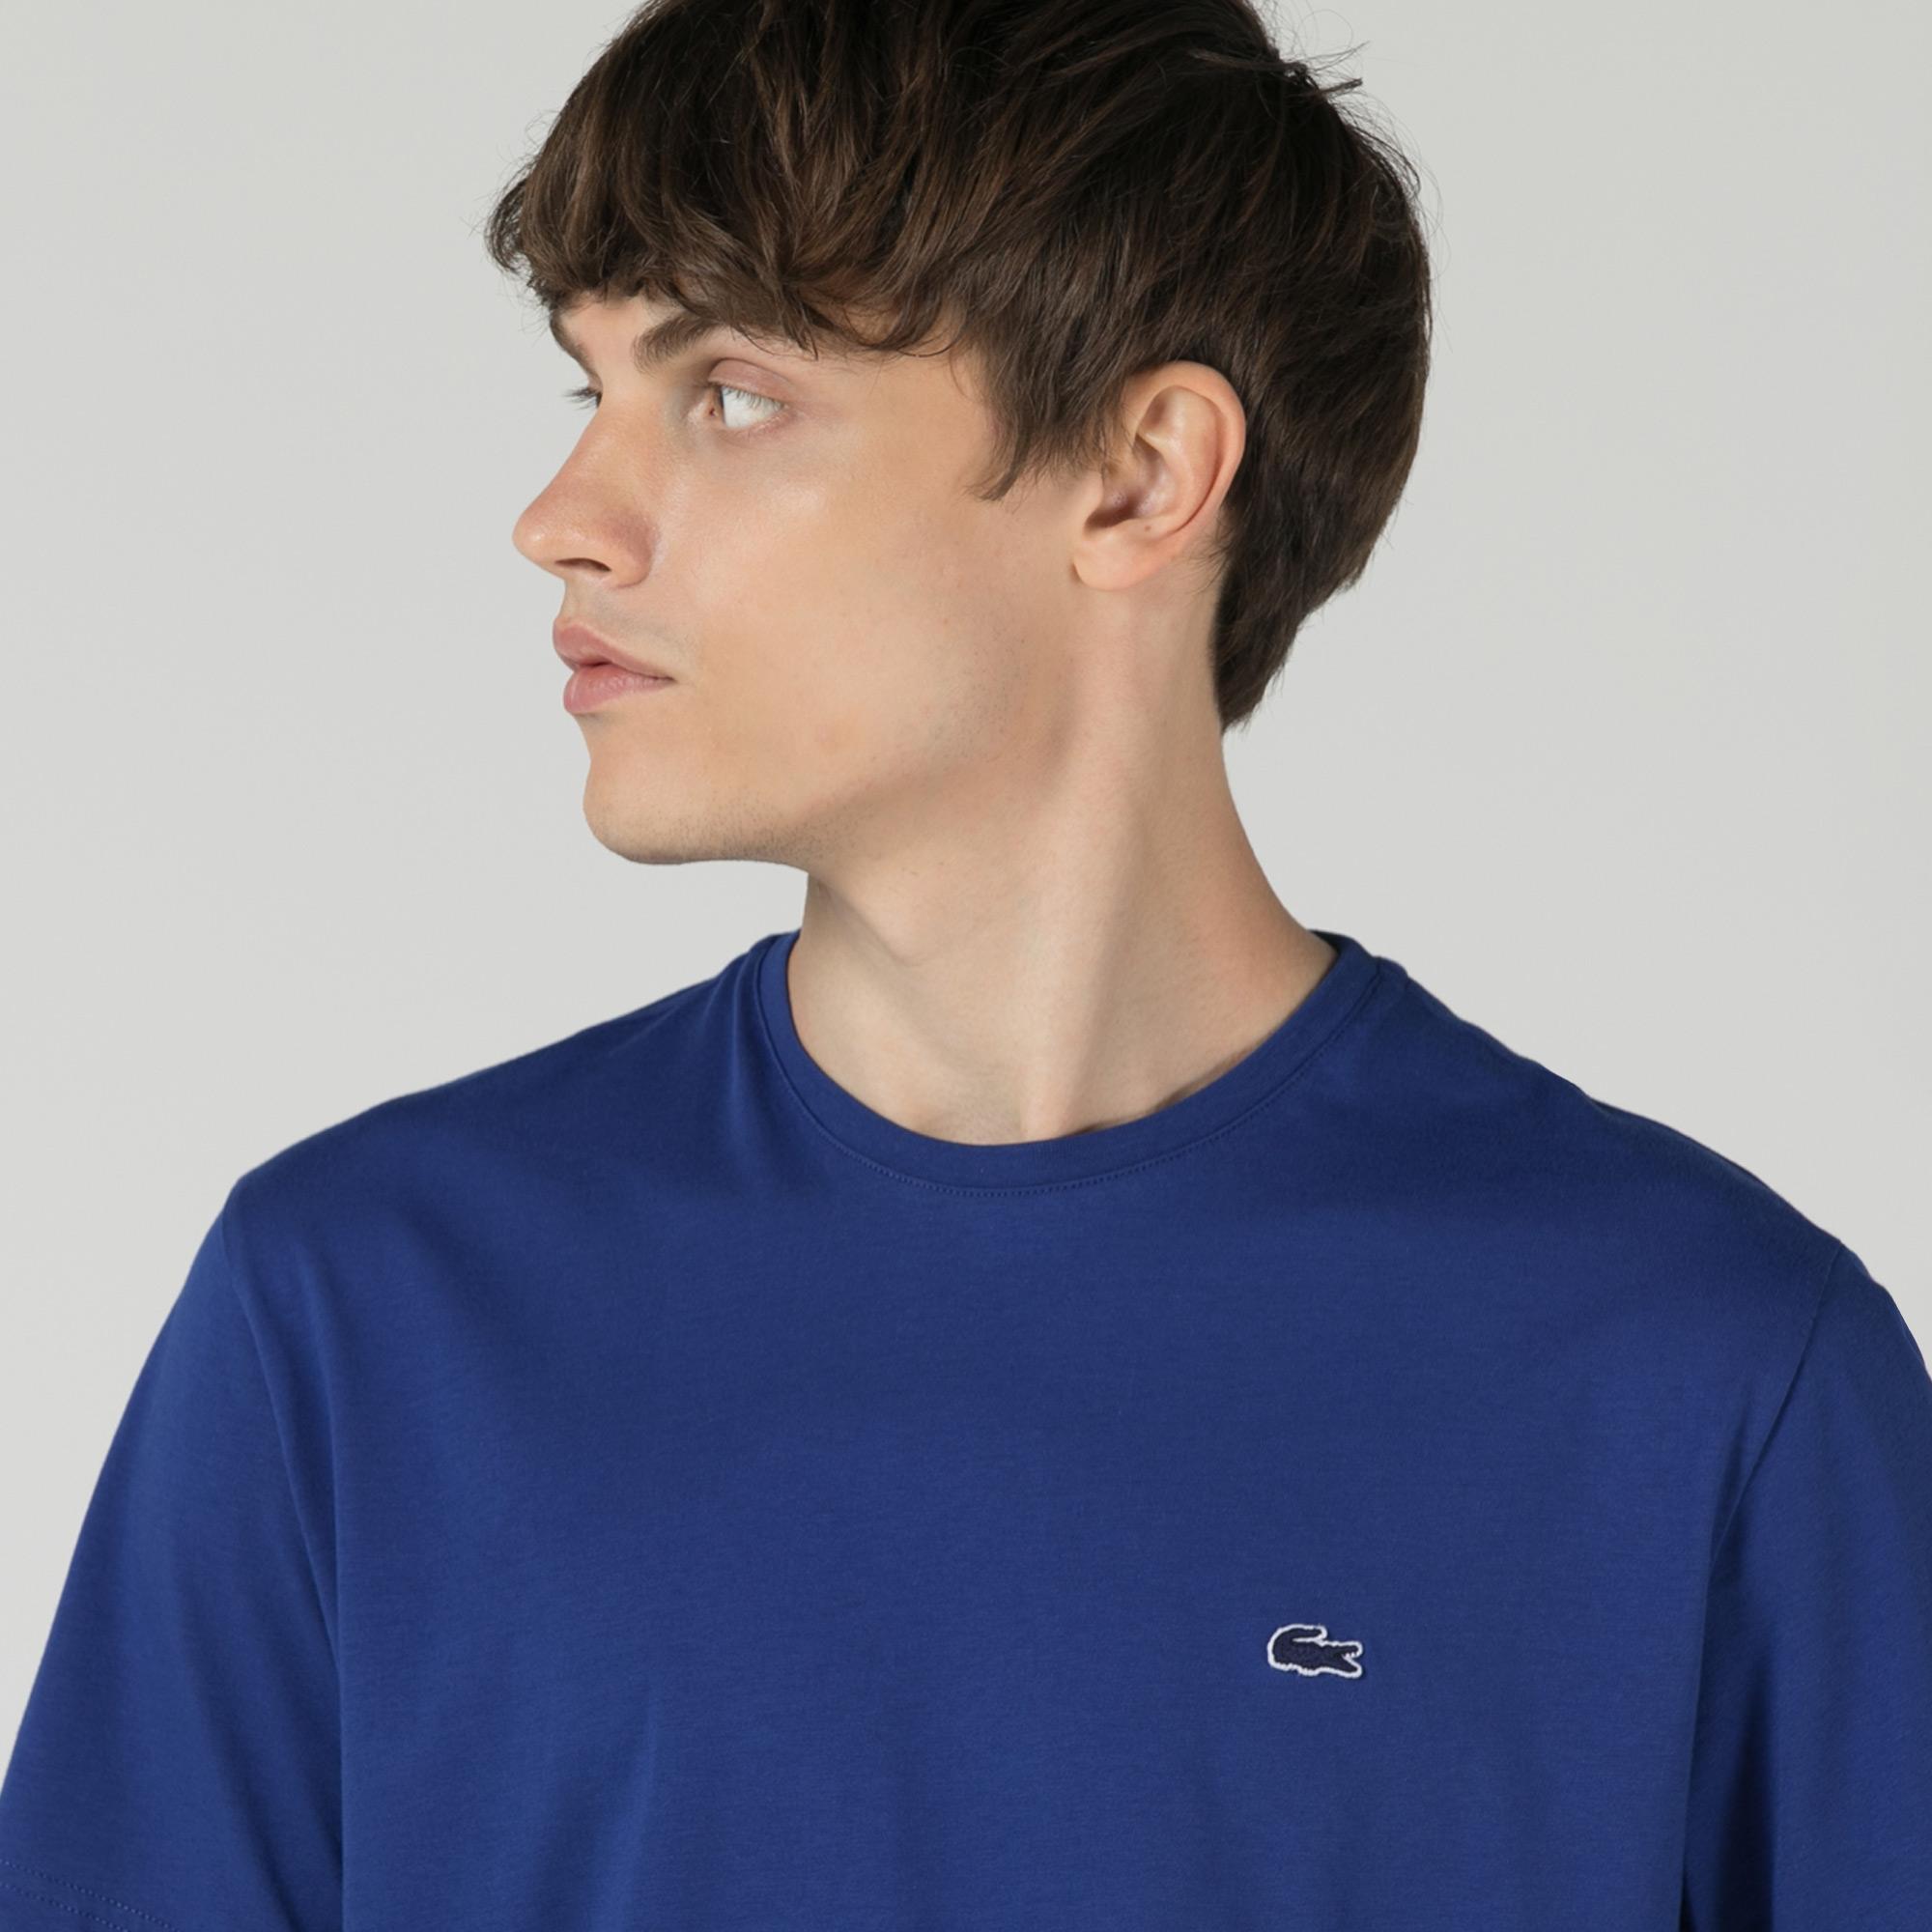 Lacoste Erkek Relaxed Fit Bisiklet Yaka Baskılı Mavi T-Shirt